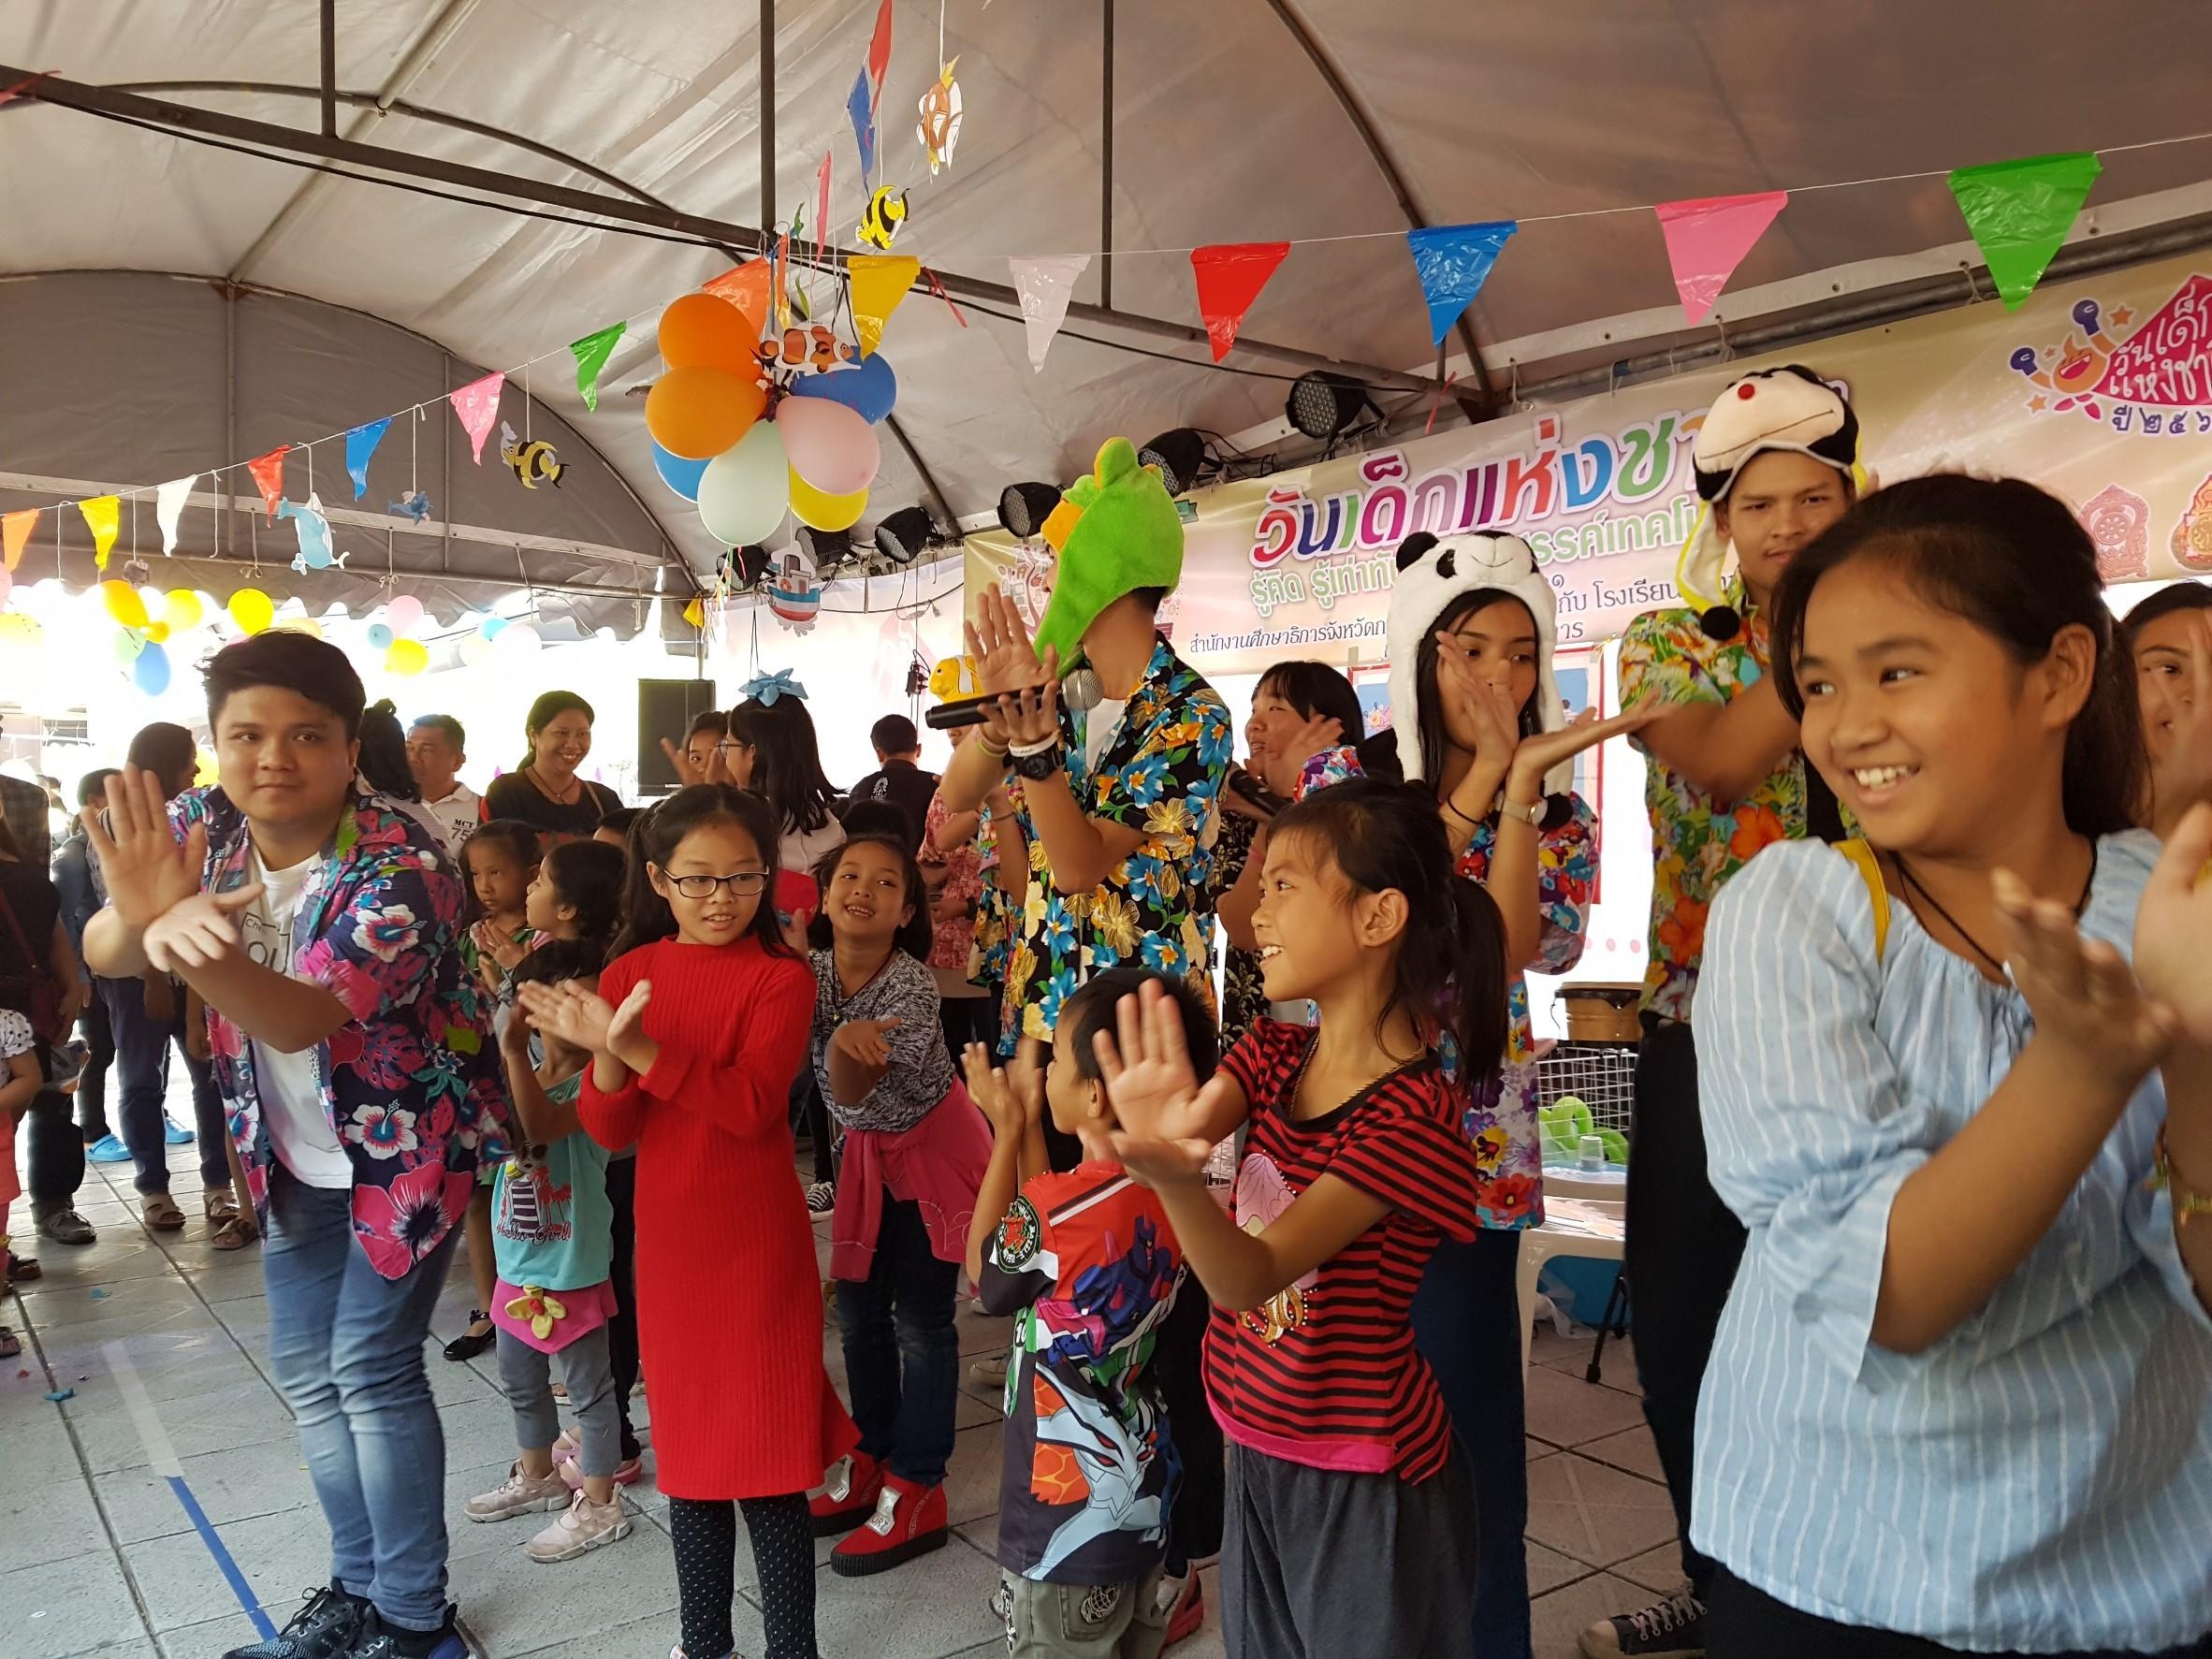 งานวันเด็ก 2562 ที่เที่ยววันเด็ก ที่เที่ยววันเด็ก กรุงเทพ วันเด็ก 2562 วันเด็กแห่งชาติ สถานที่จัดงานวันเด็ก สถานที่จัดงานวันเด็ก 2562 สถานที่จัดงานวันเด็ก กรุงเทพ